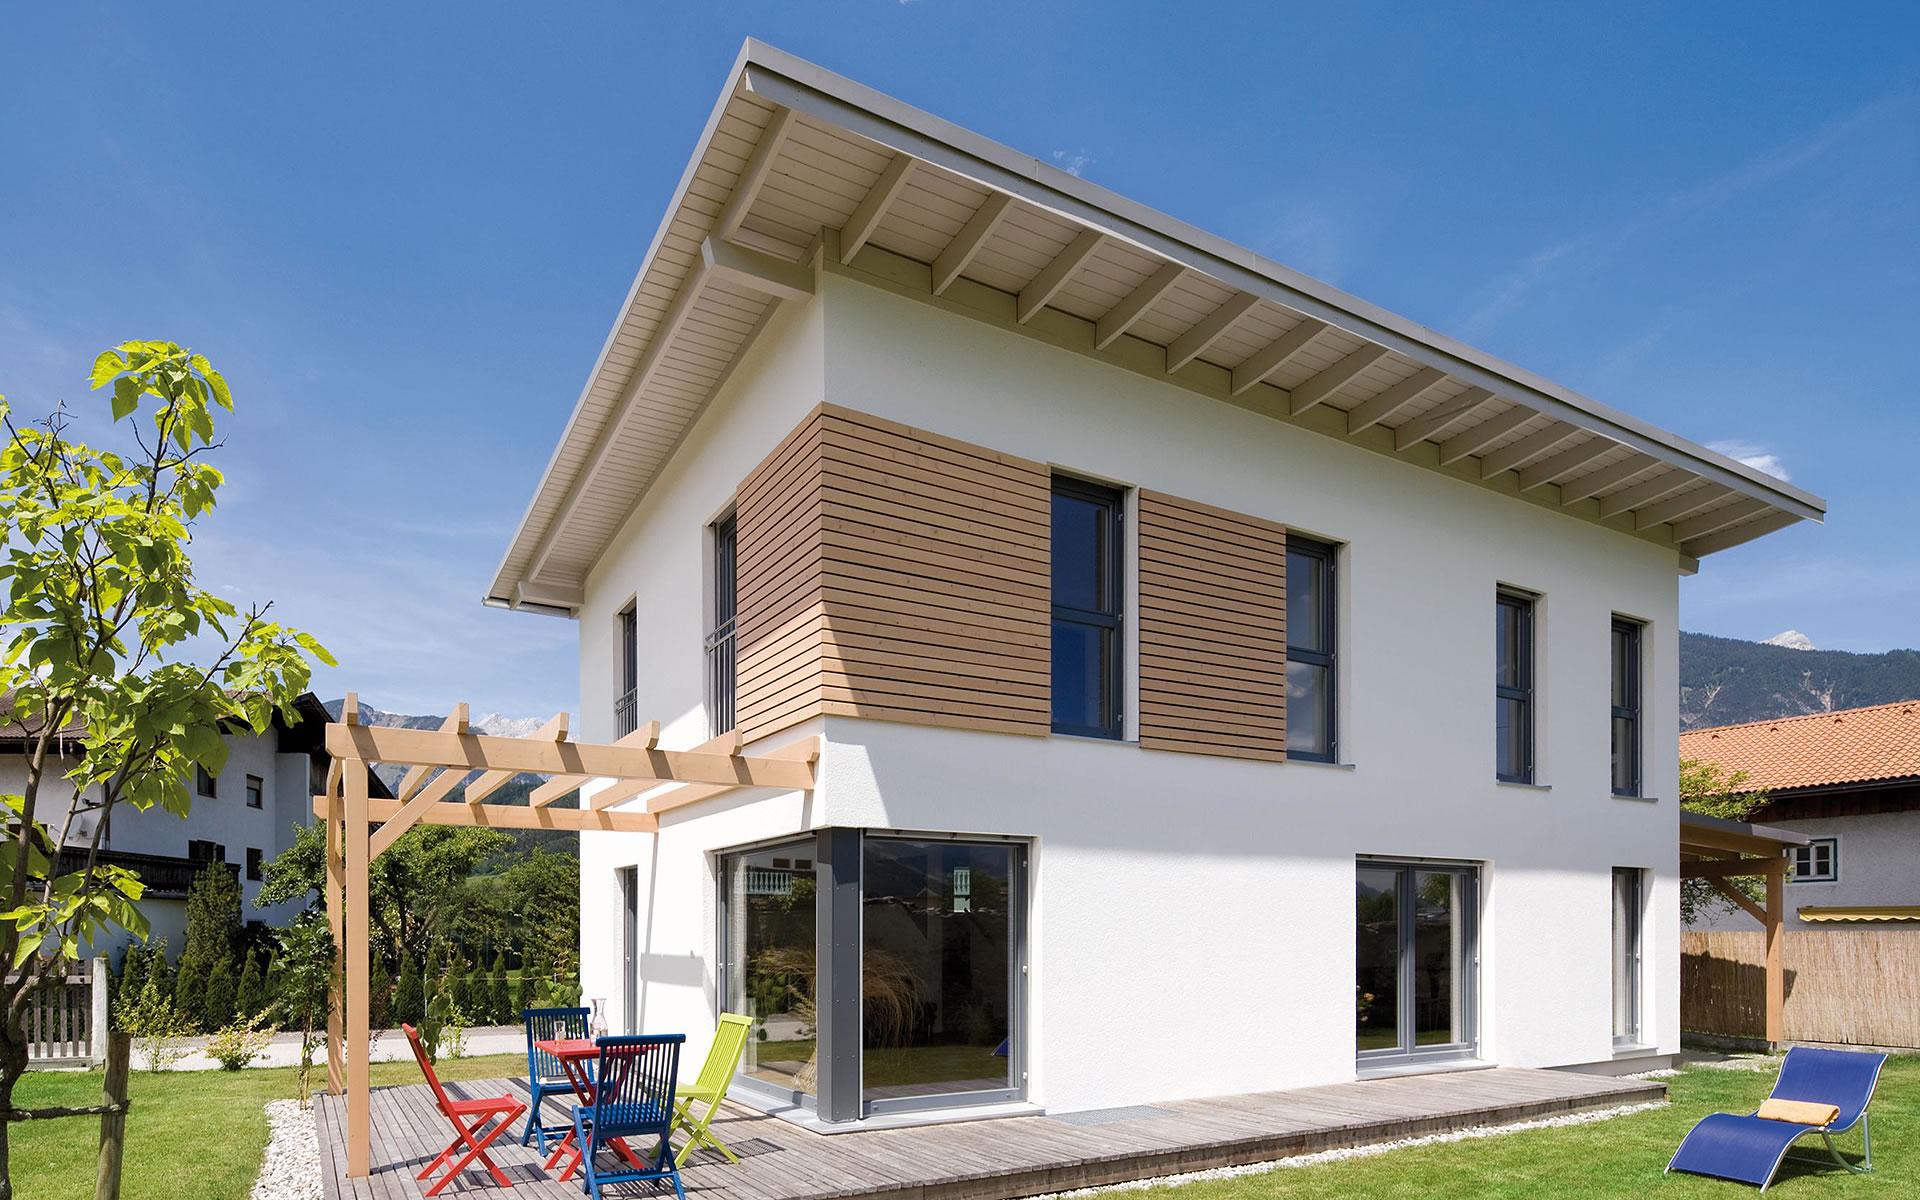 Volders von Regnauer Hausbau GmbH & Co. KG